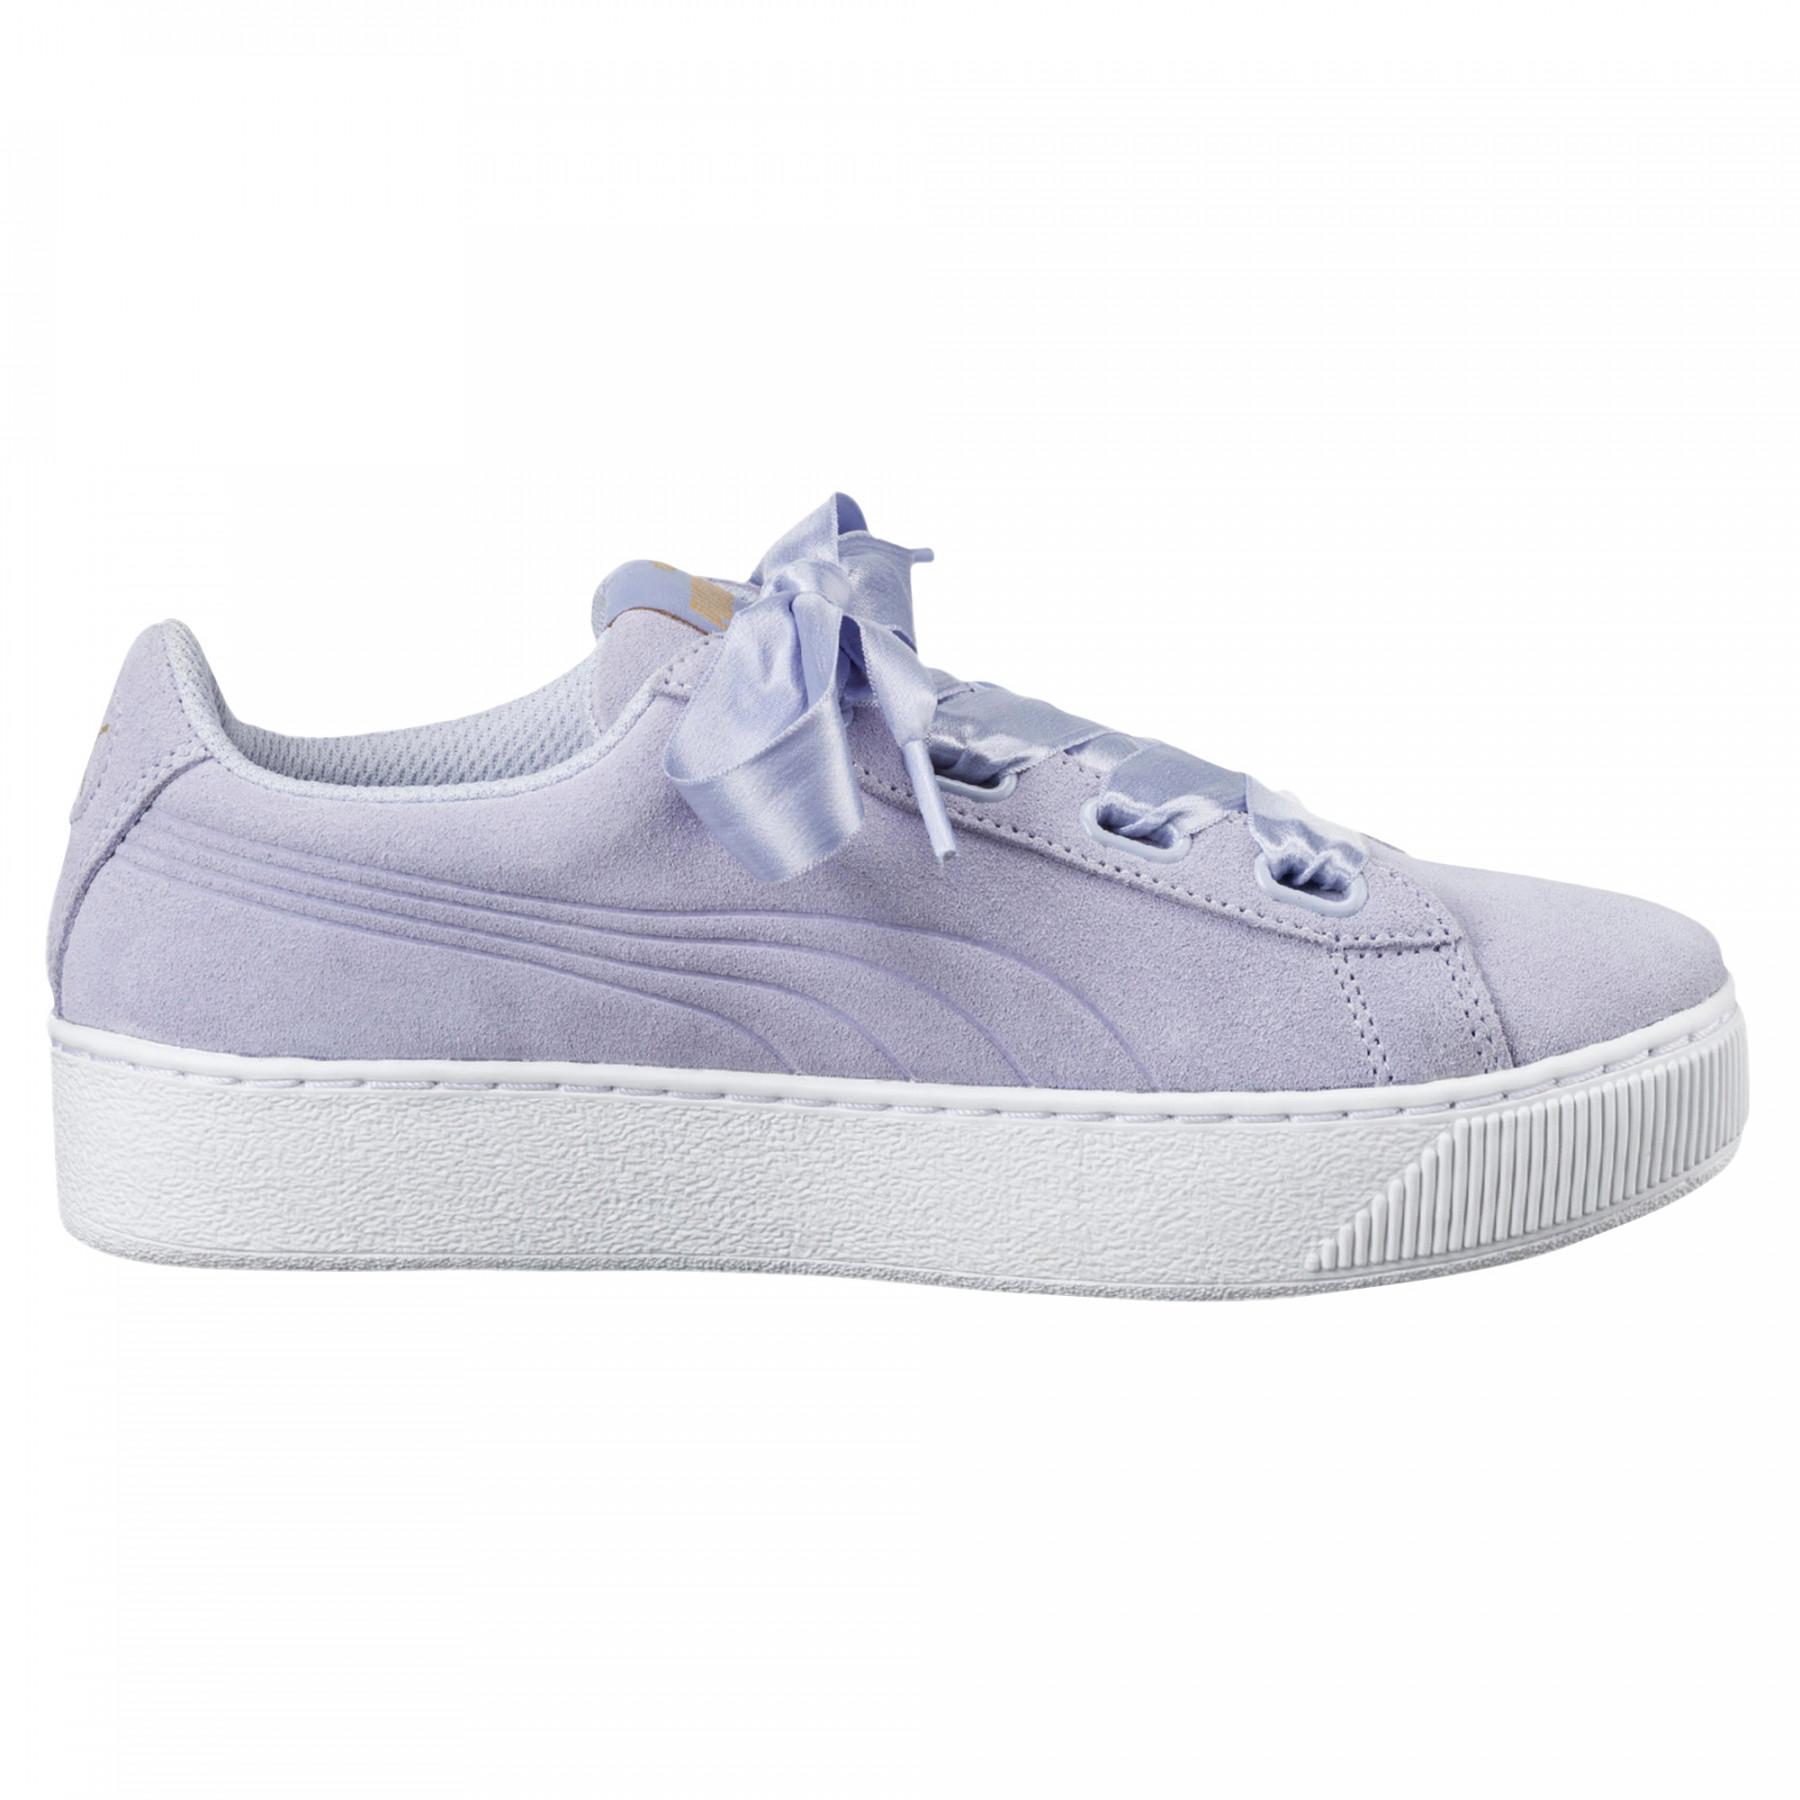 6abf150359e Bleu Pas Baskets Rib Cher Femme Chaussure Platform Vikky Puma BvqXXx